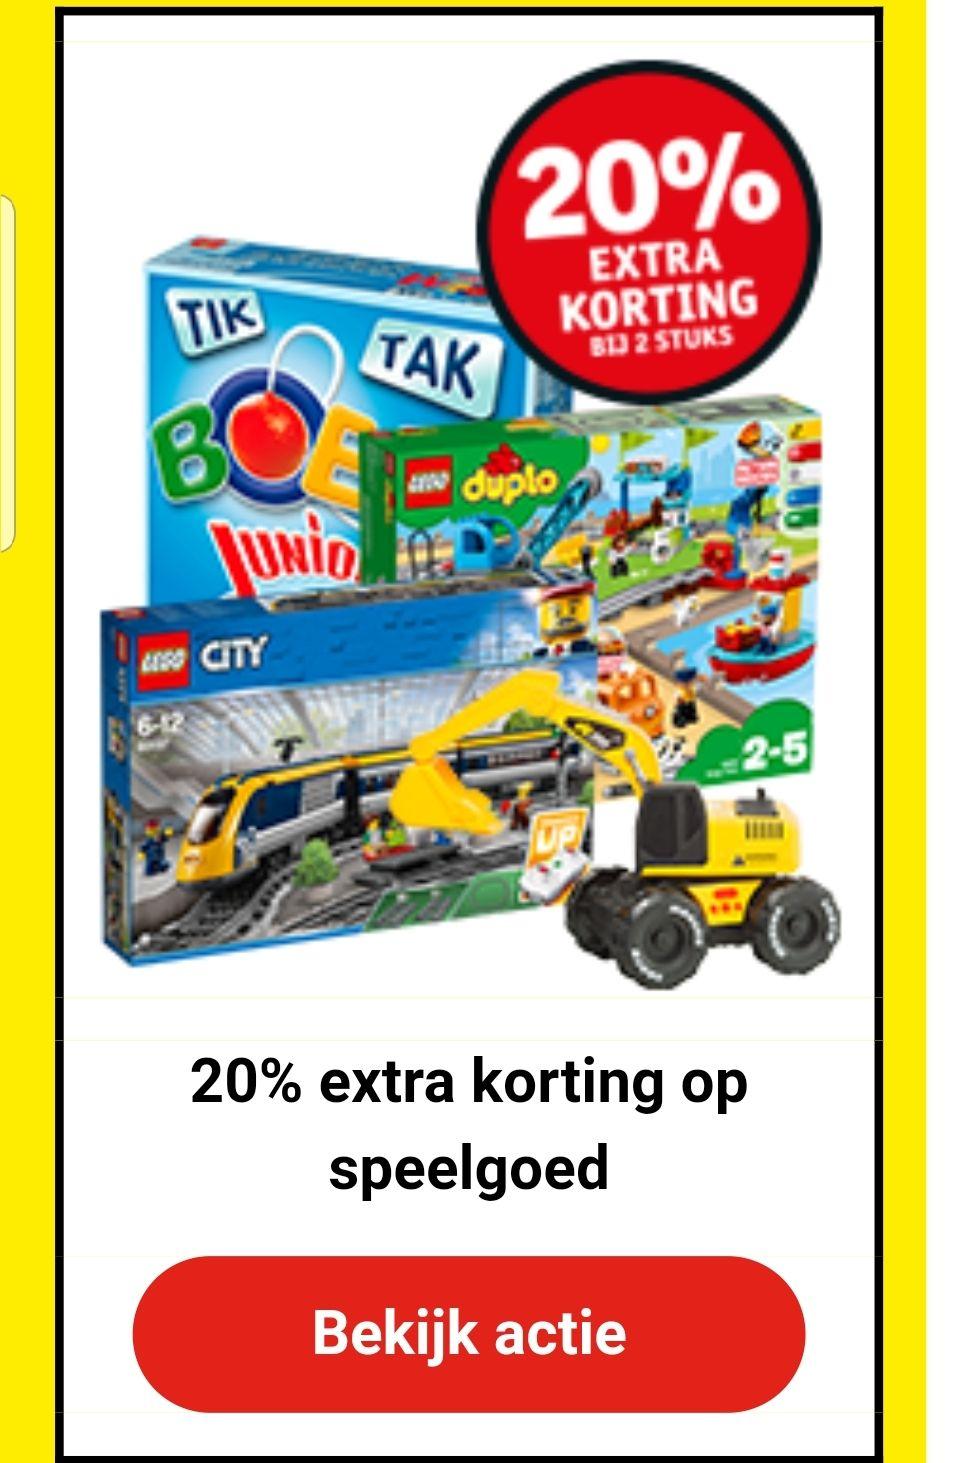 Vandaag 20% korting op alle speelgoed bij afname van 2 stuks Kruidvat